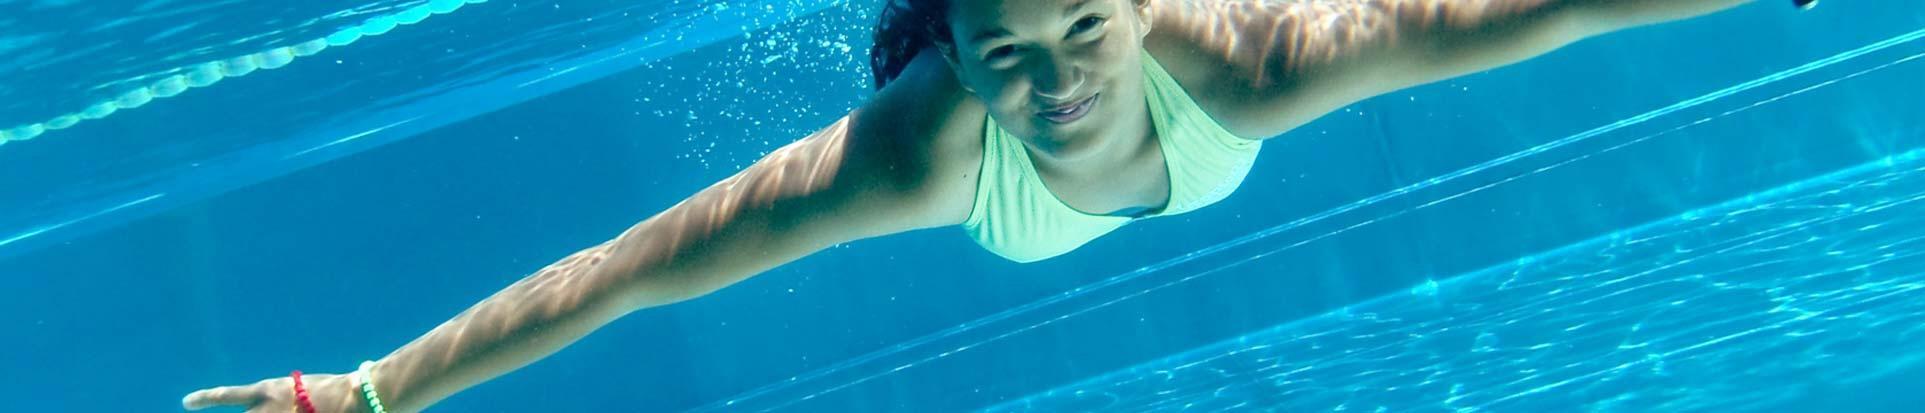 Klimatizacija bazena i odvlaživanje bazena